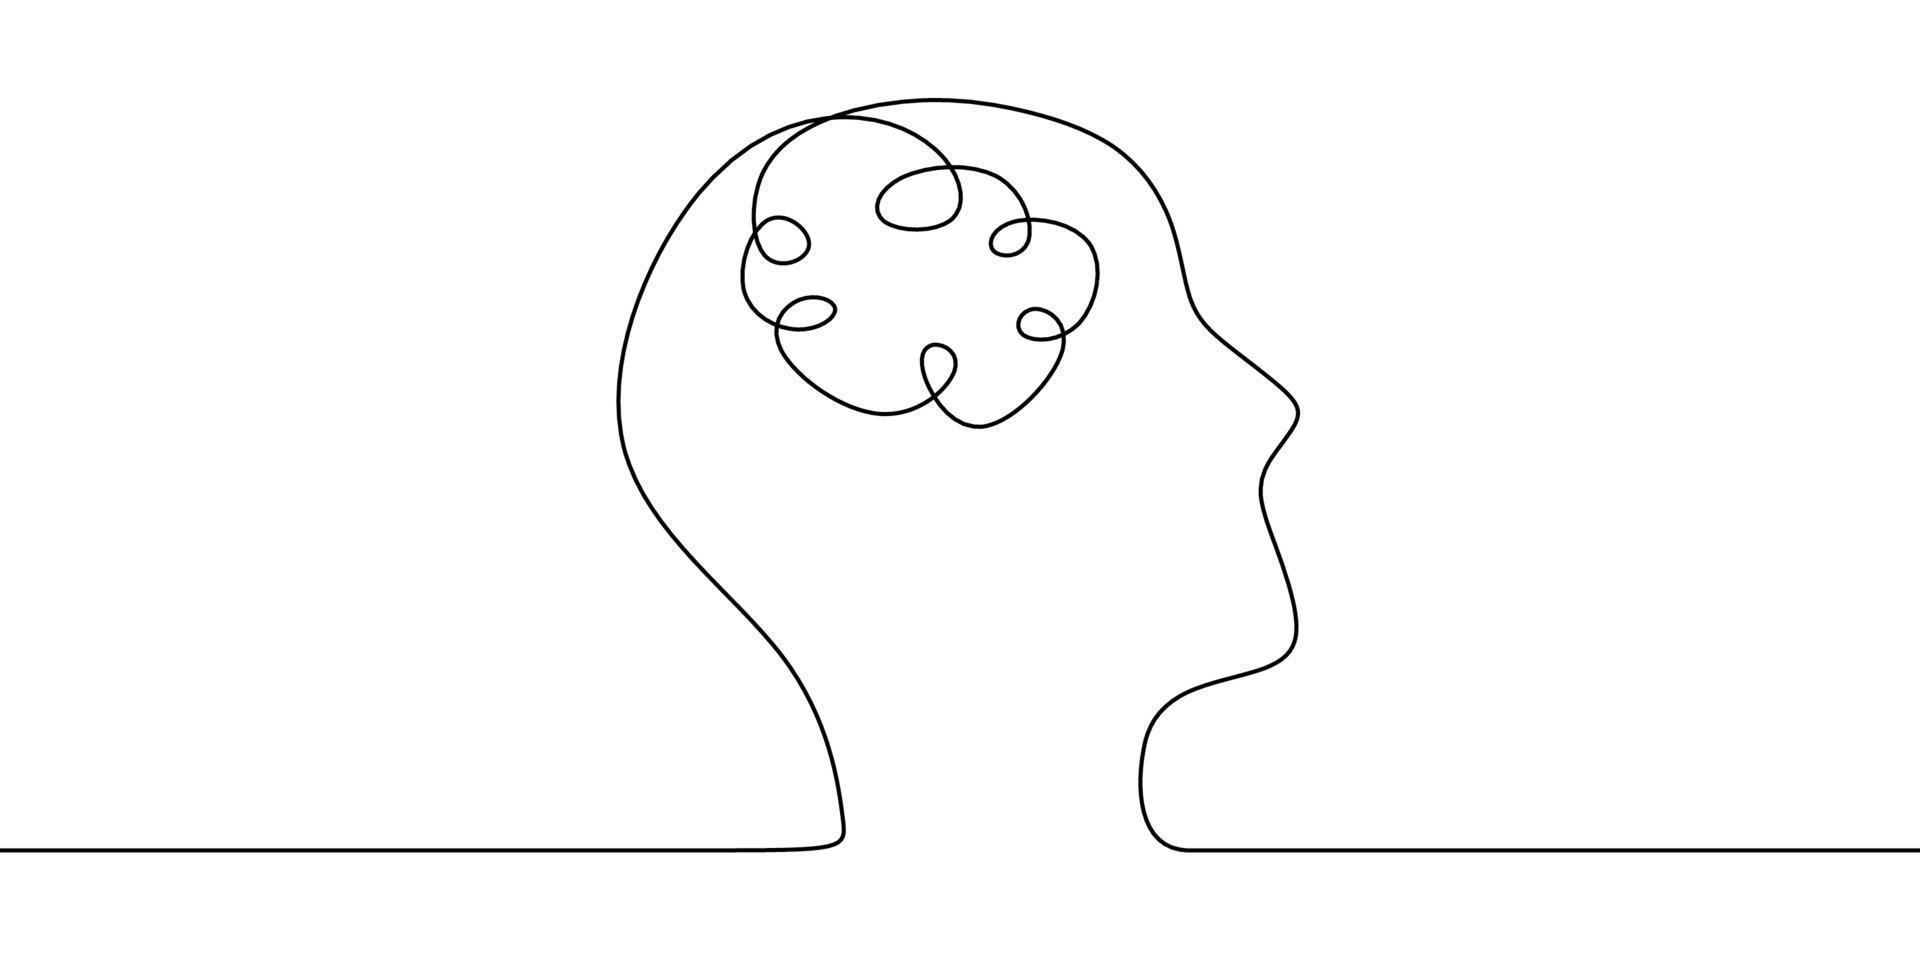 arte de linha contínua ou um desenho de linha de um cérebro humano, tecnologia mecânica e robótica com tecnologia avançada. vetor